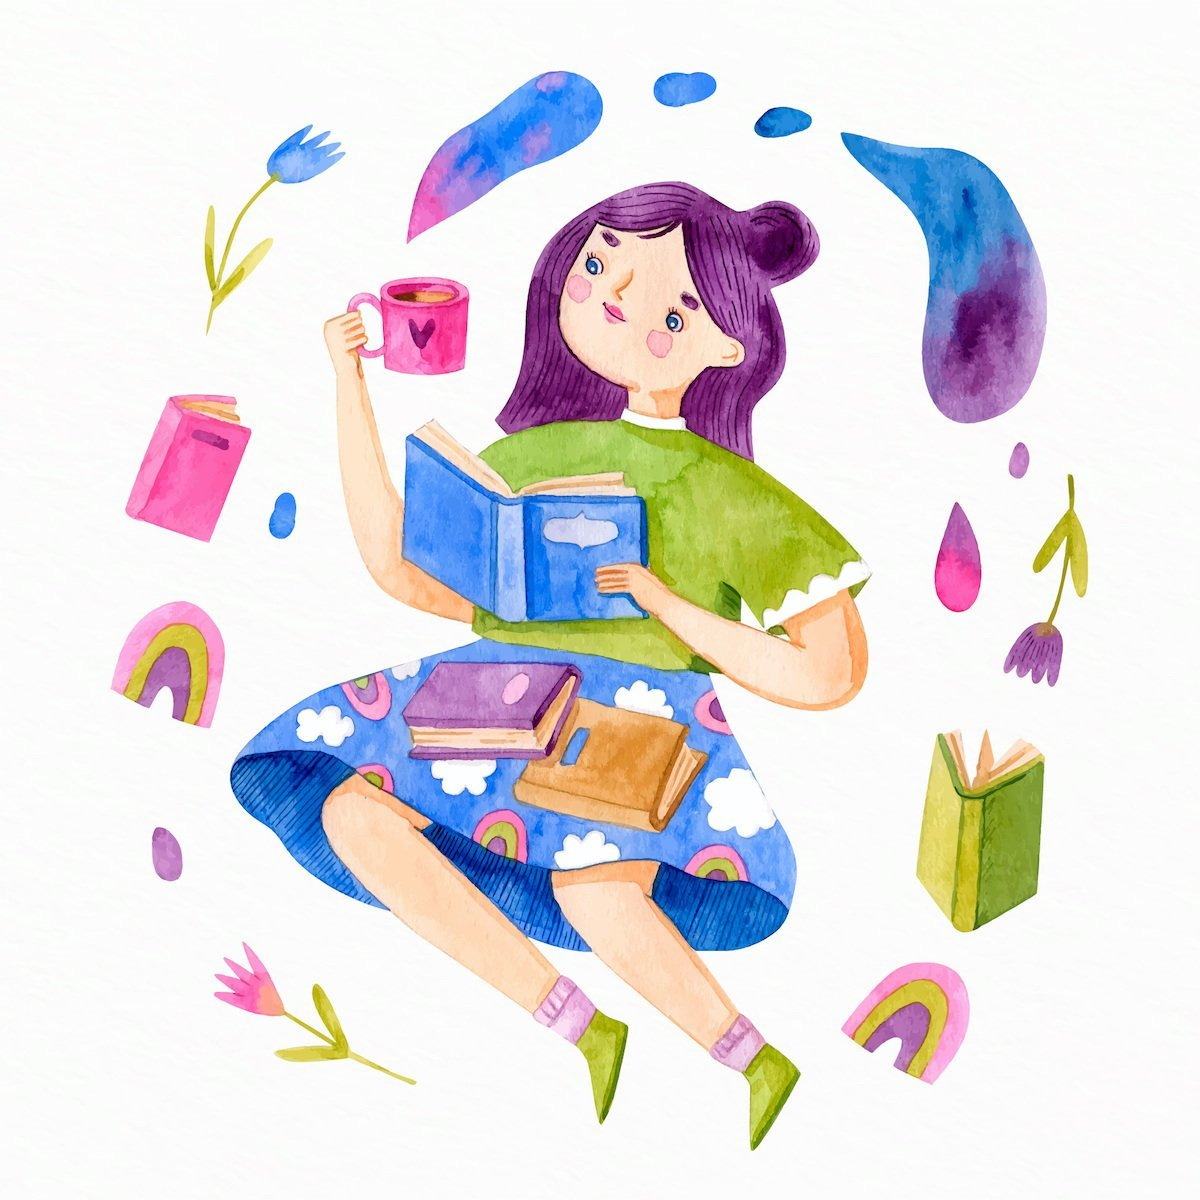 Çocuk Kitapları Okumak için 3 Büyülü Sebep